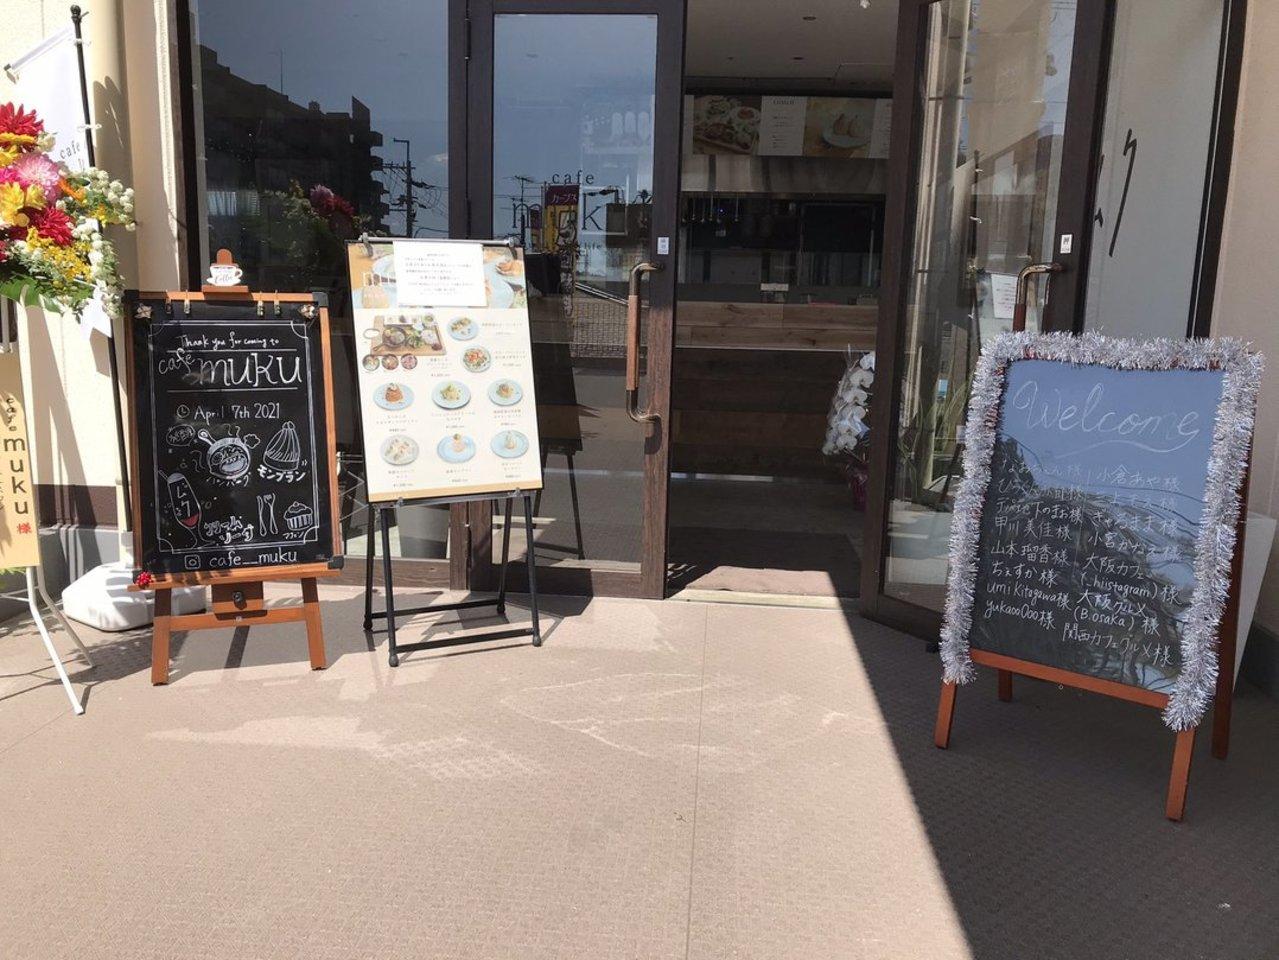 心と体に優しい素の食...兵庫県川西市トナリエ清和台2Fに「カフェムク」4/9オープン